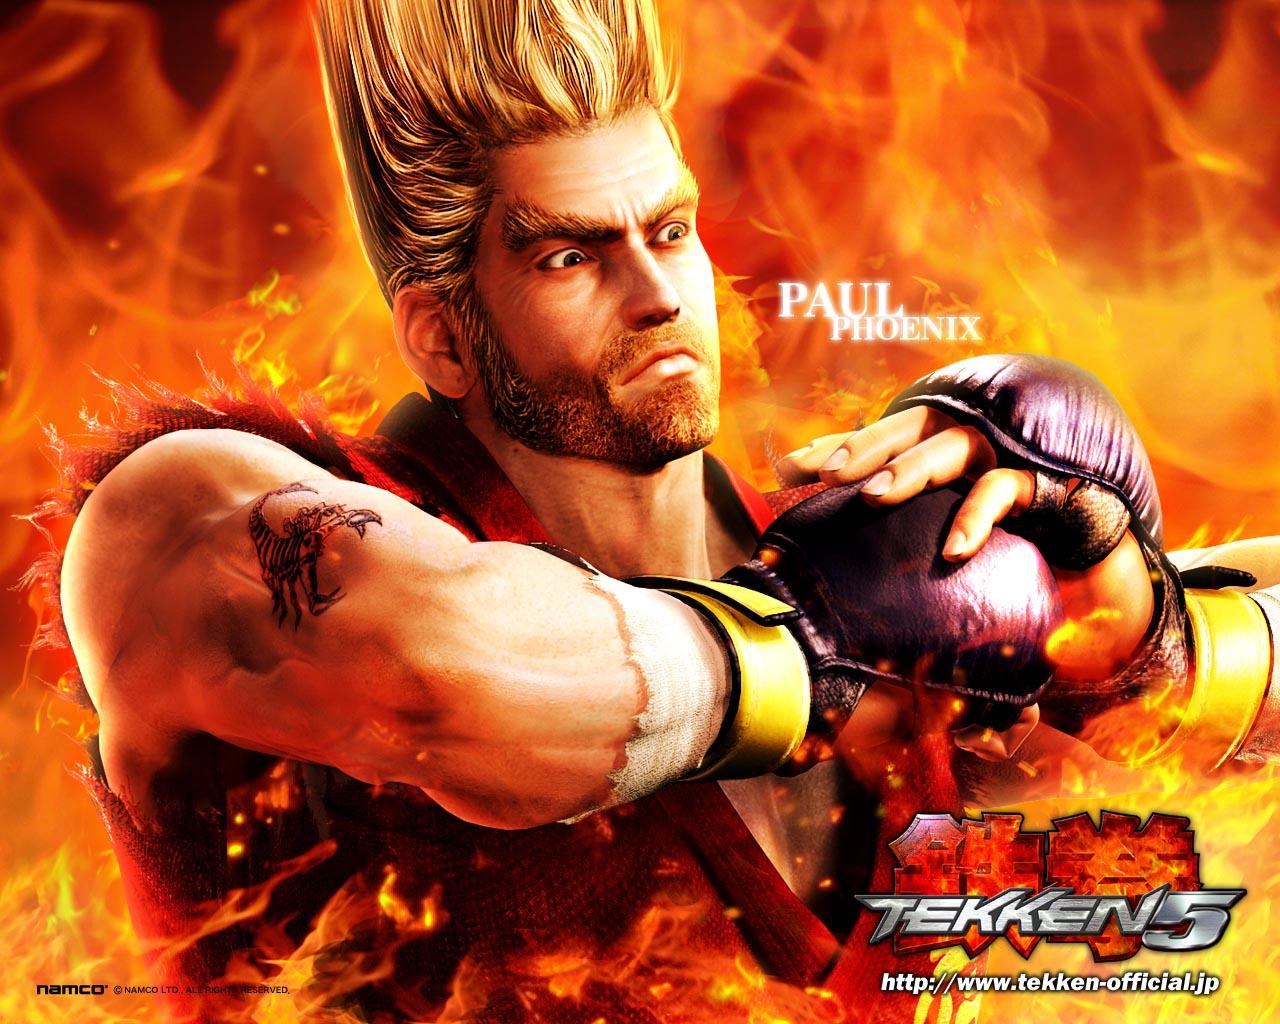 GAMEZONE Tekken 5 Characters